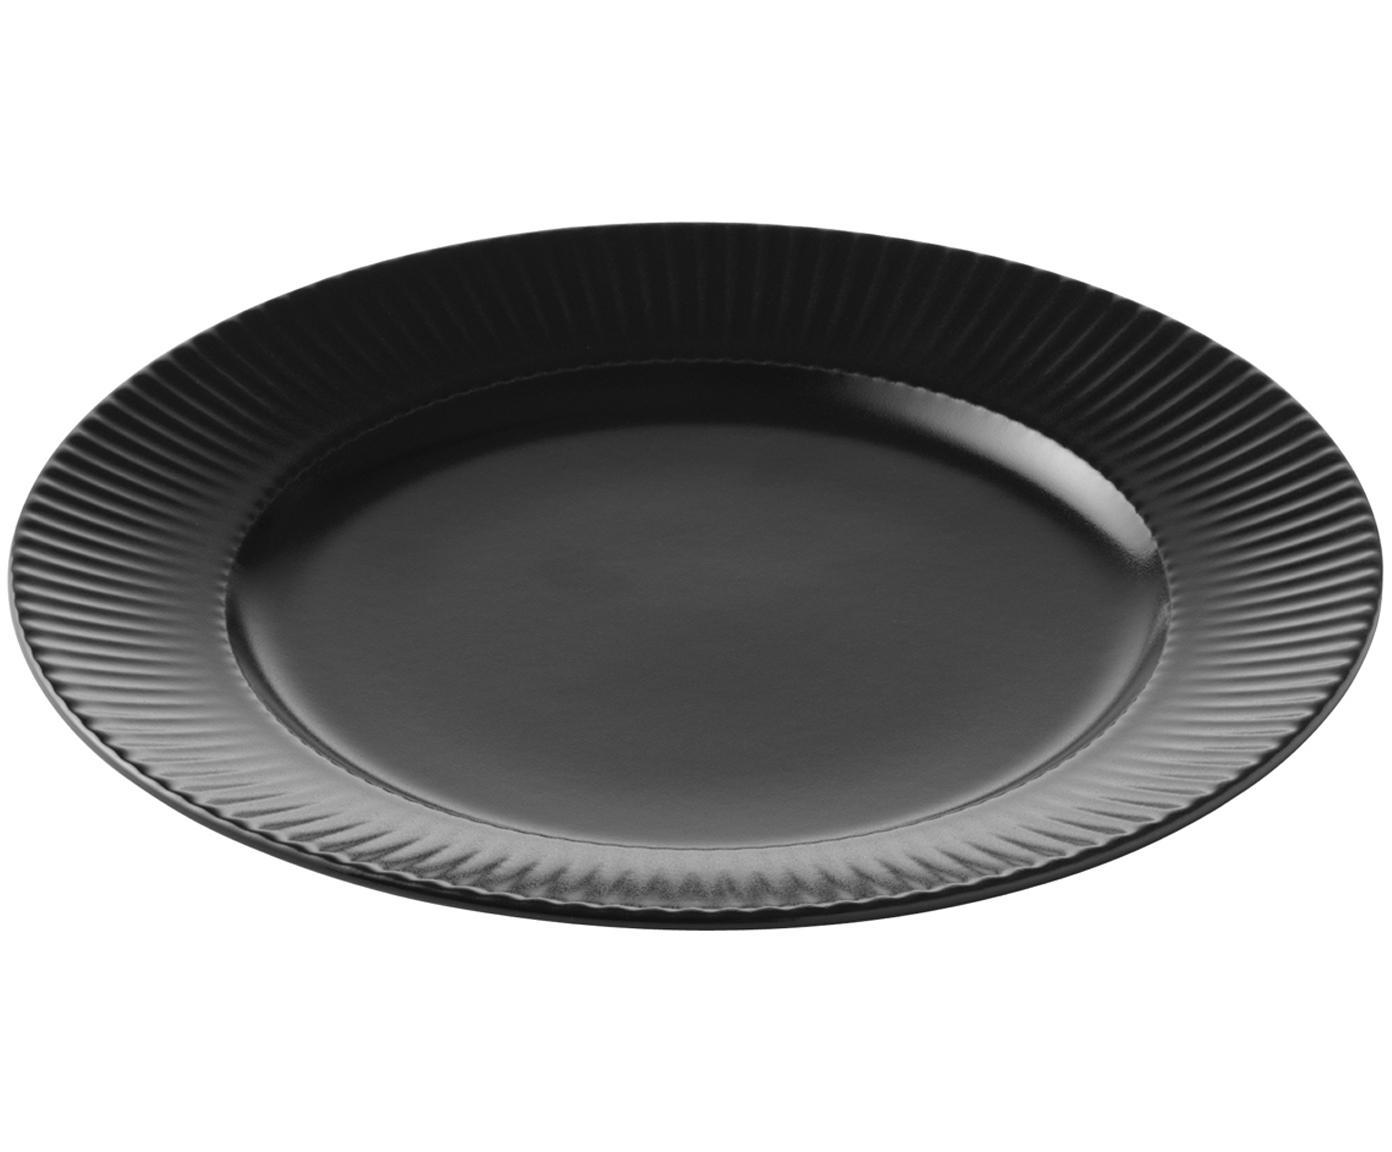 Piatto da colazione con struttura rigata Groove 4 pz, Terracotta, Nero, Ø 21 x Alt. 1 cm